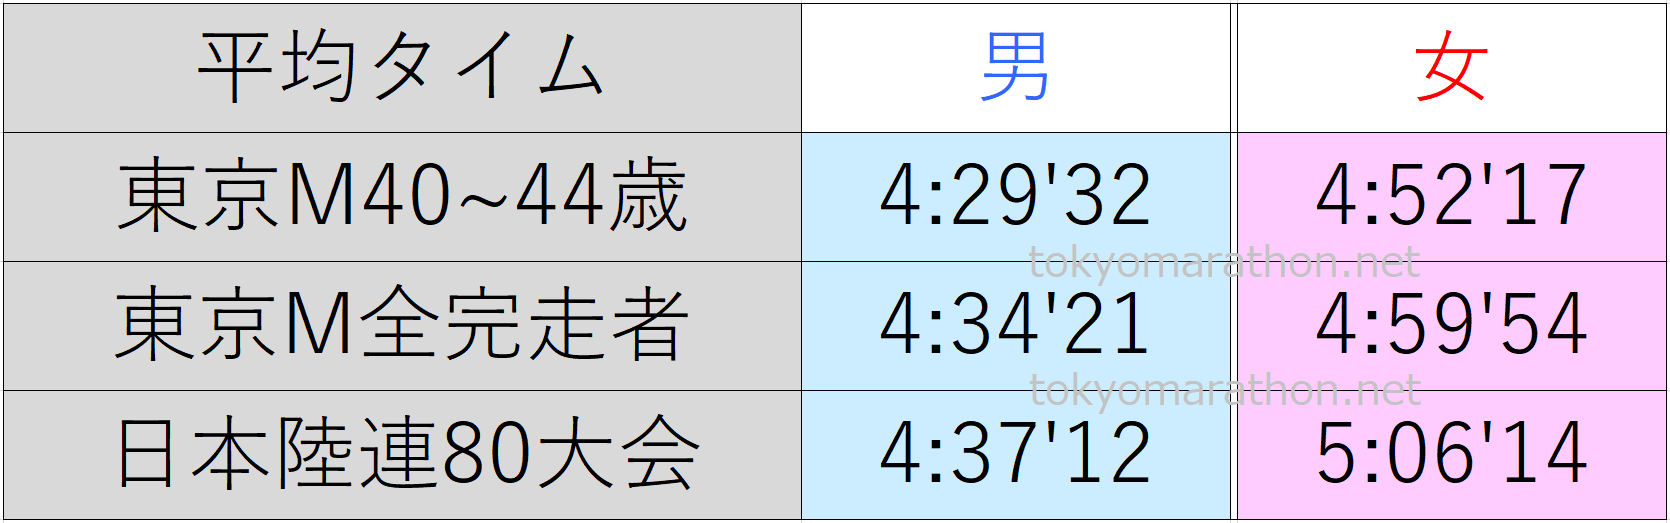 東京マラソン40~44歳の平均タイム、東京マラソン全ランナーの平均タイム、日本陸連公認の80大会の平均タイム一覧表。すべて男女別にまとめた画像です。